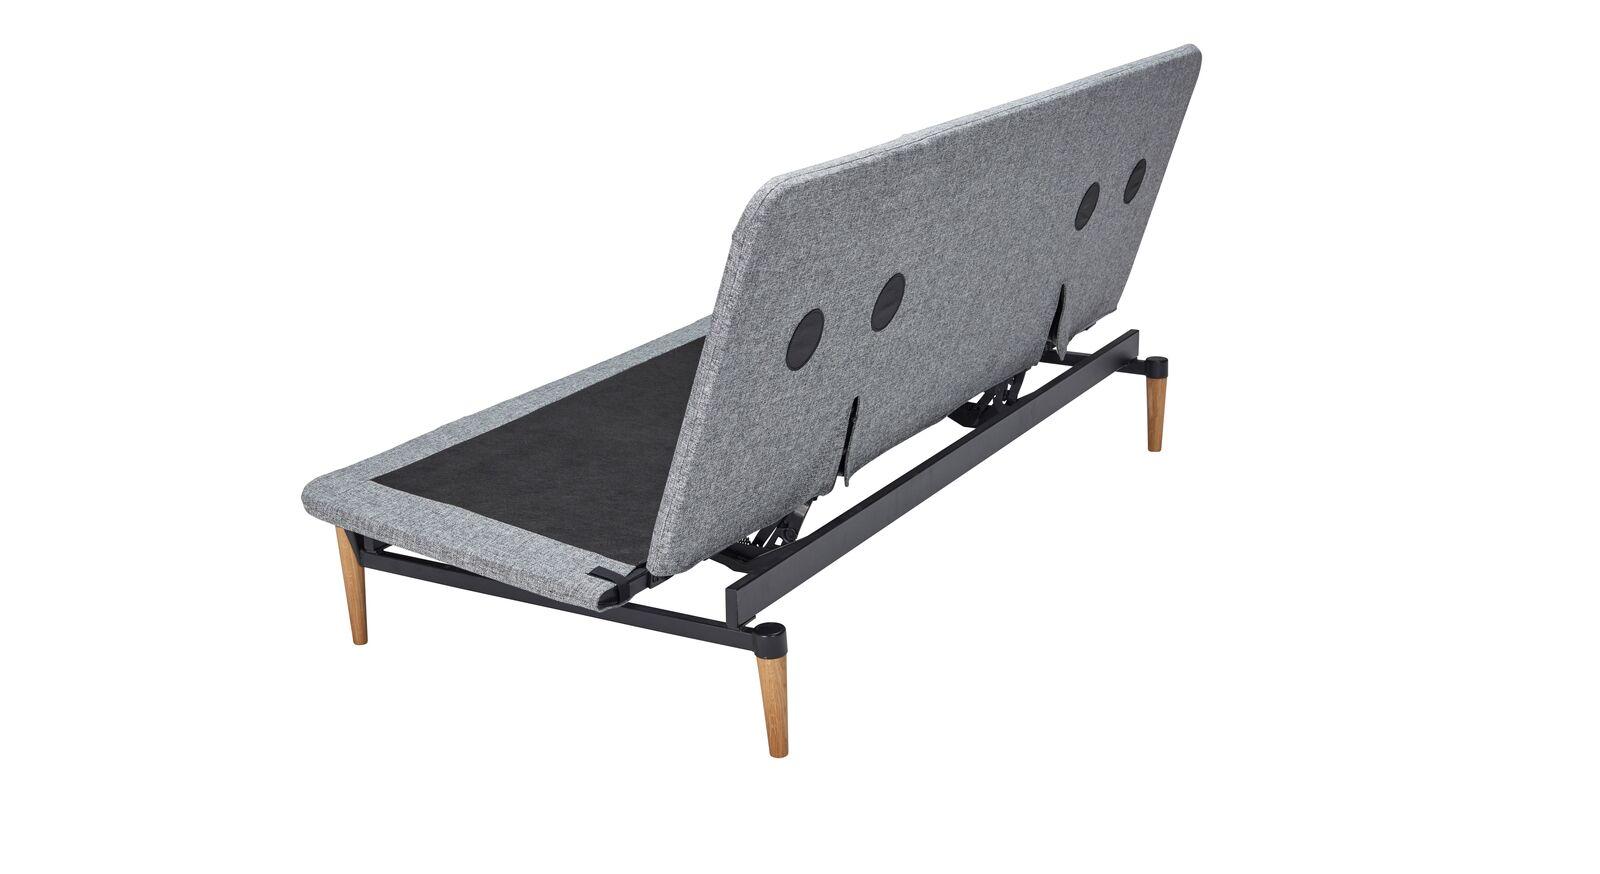 Hochwertige Ersatzbezüge für Querschläfer Schlafsofas im Komplett-Set